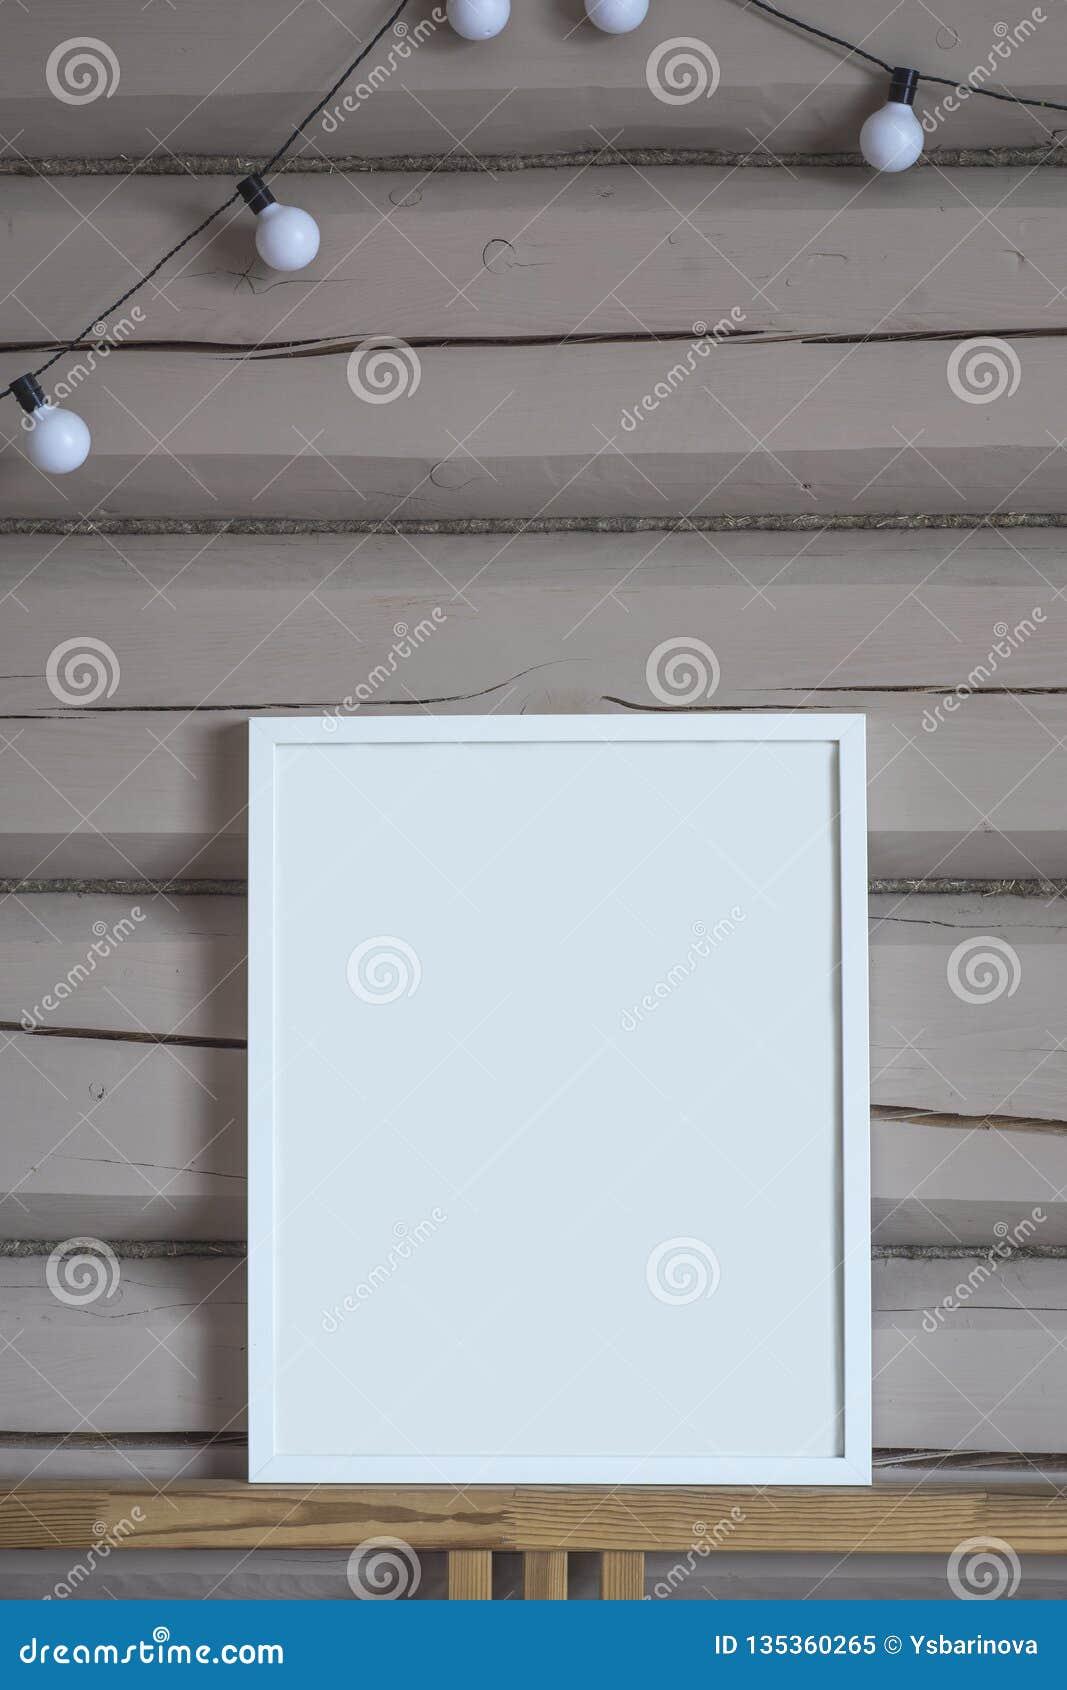 Плакат белой бумаги пустой внутренний, изолированная вертикальная насмешка вверх с рамкой на бежевой деревянной предпосылке стены